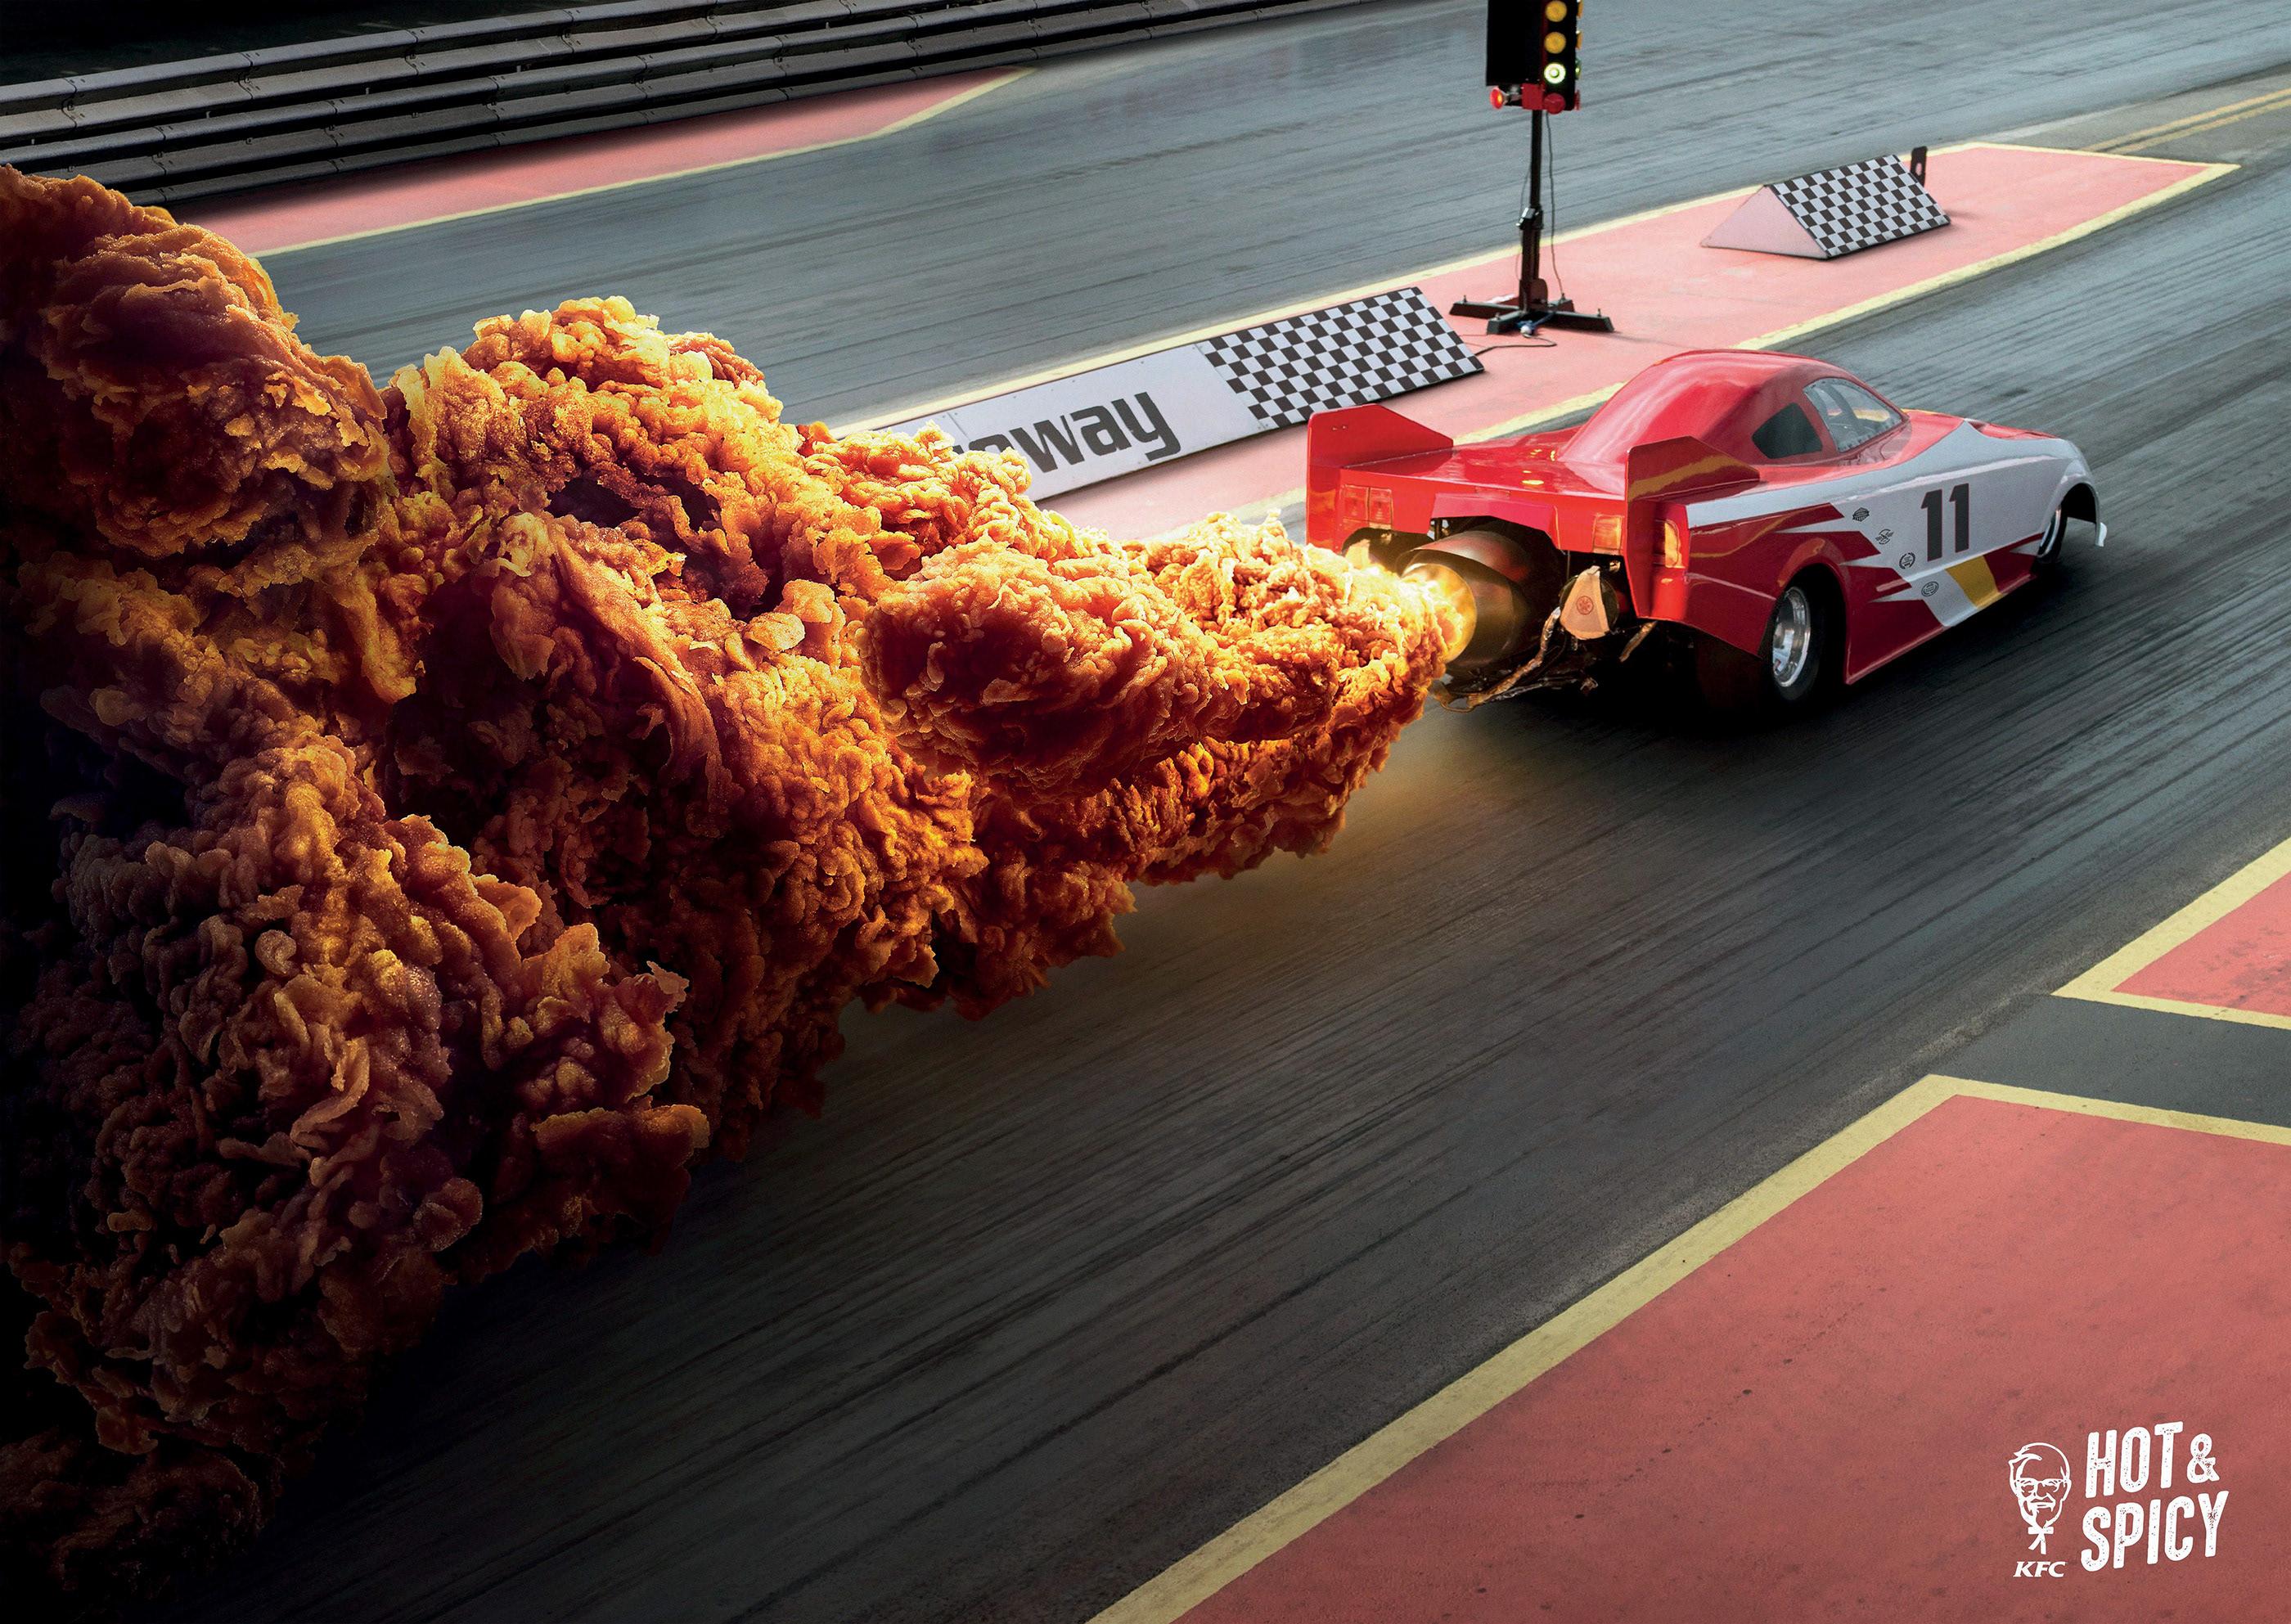 KFC Hot & Spicy - Drag Race Car